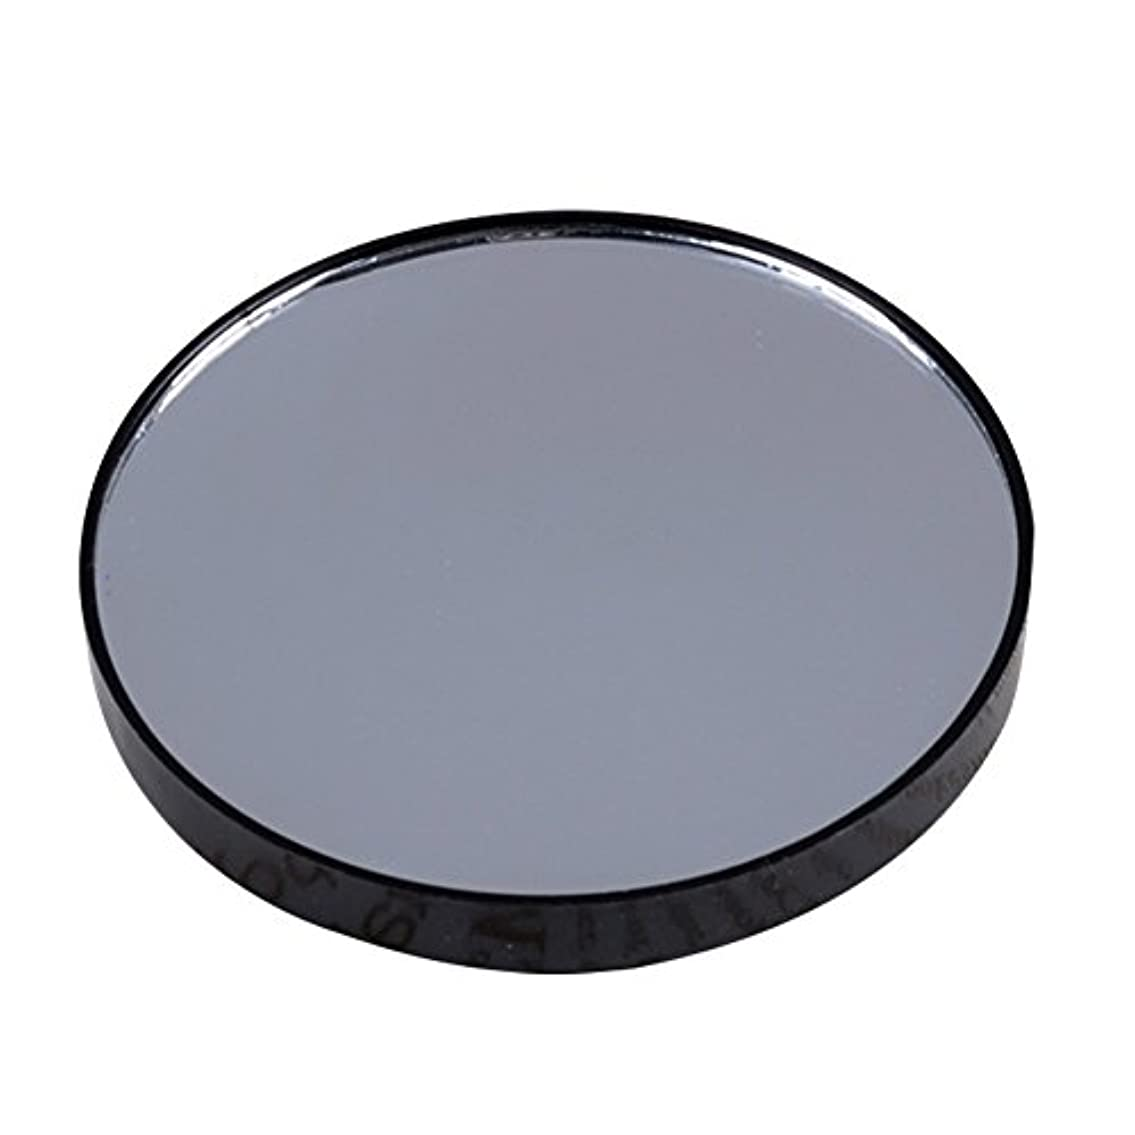 うっかり付き添い人発生YideaHome メイクアップミラー 化粧鏡 拡大鏡 5倍 10倍 15倍 強力吸盤付き メイクミラー 化粧ミラー (15倍)